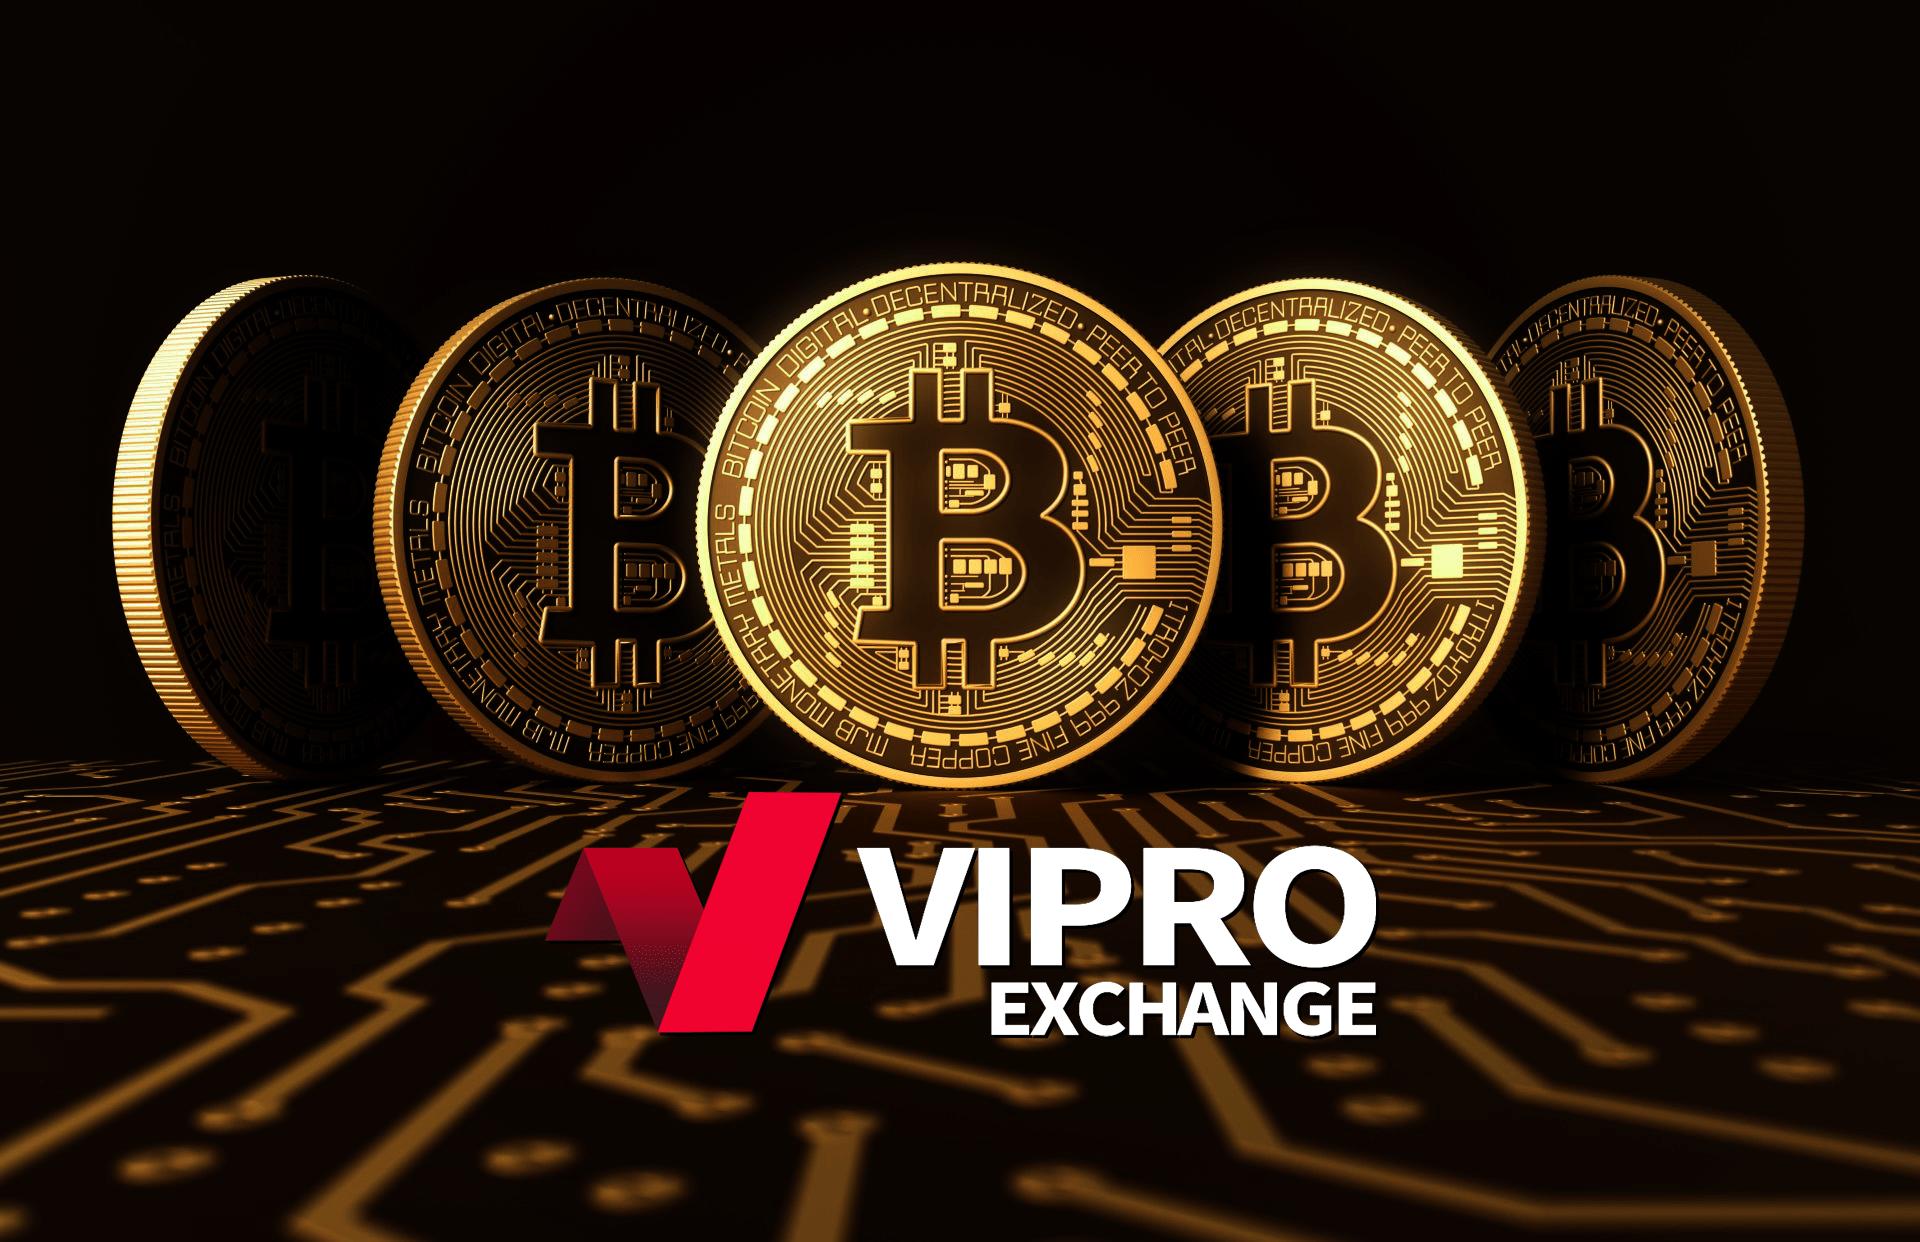 百萬交易所Viproex,系統再進化,用戶體驗感大大提升